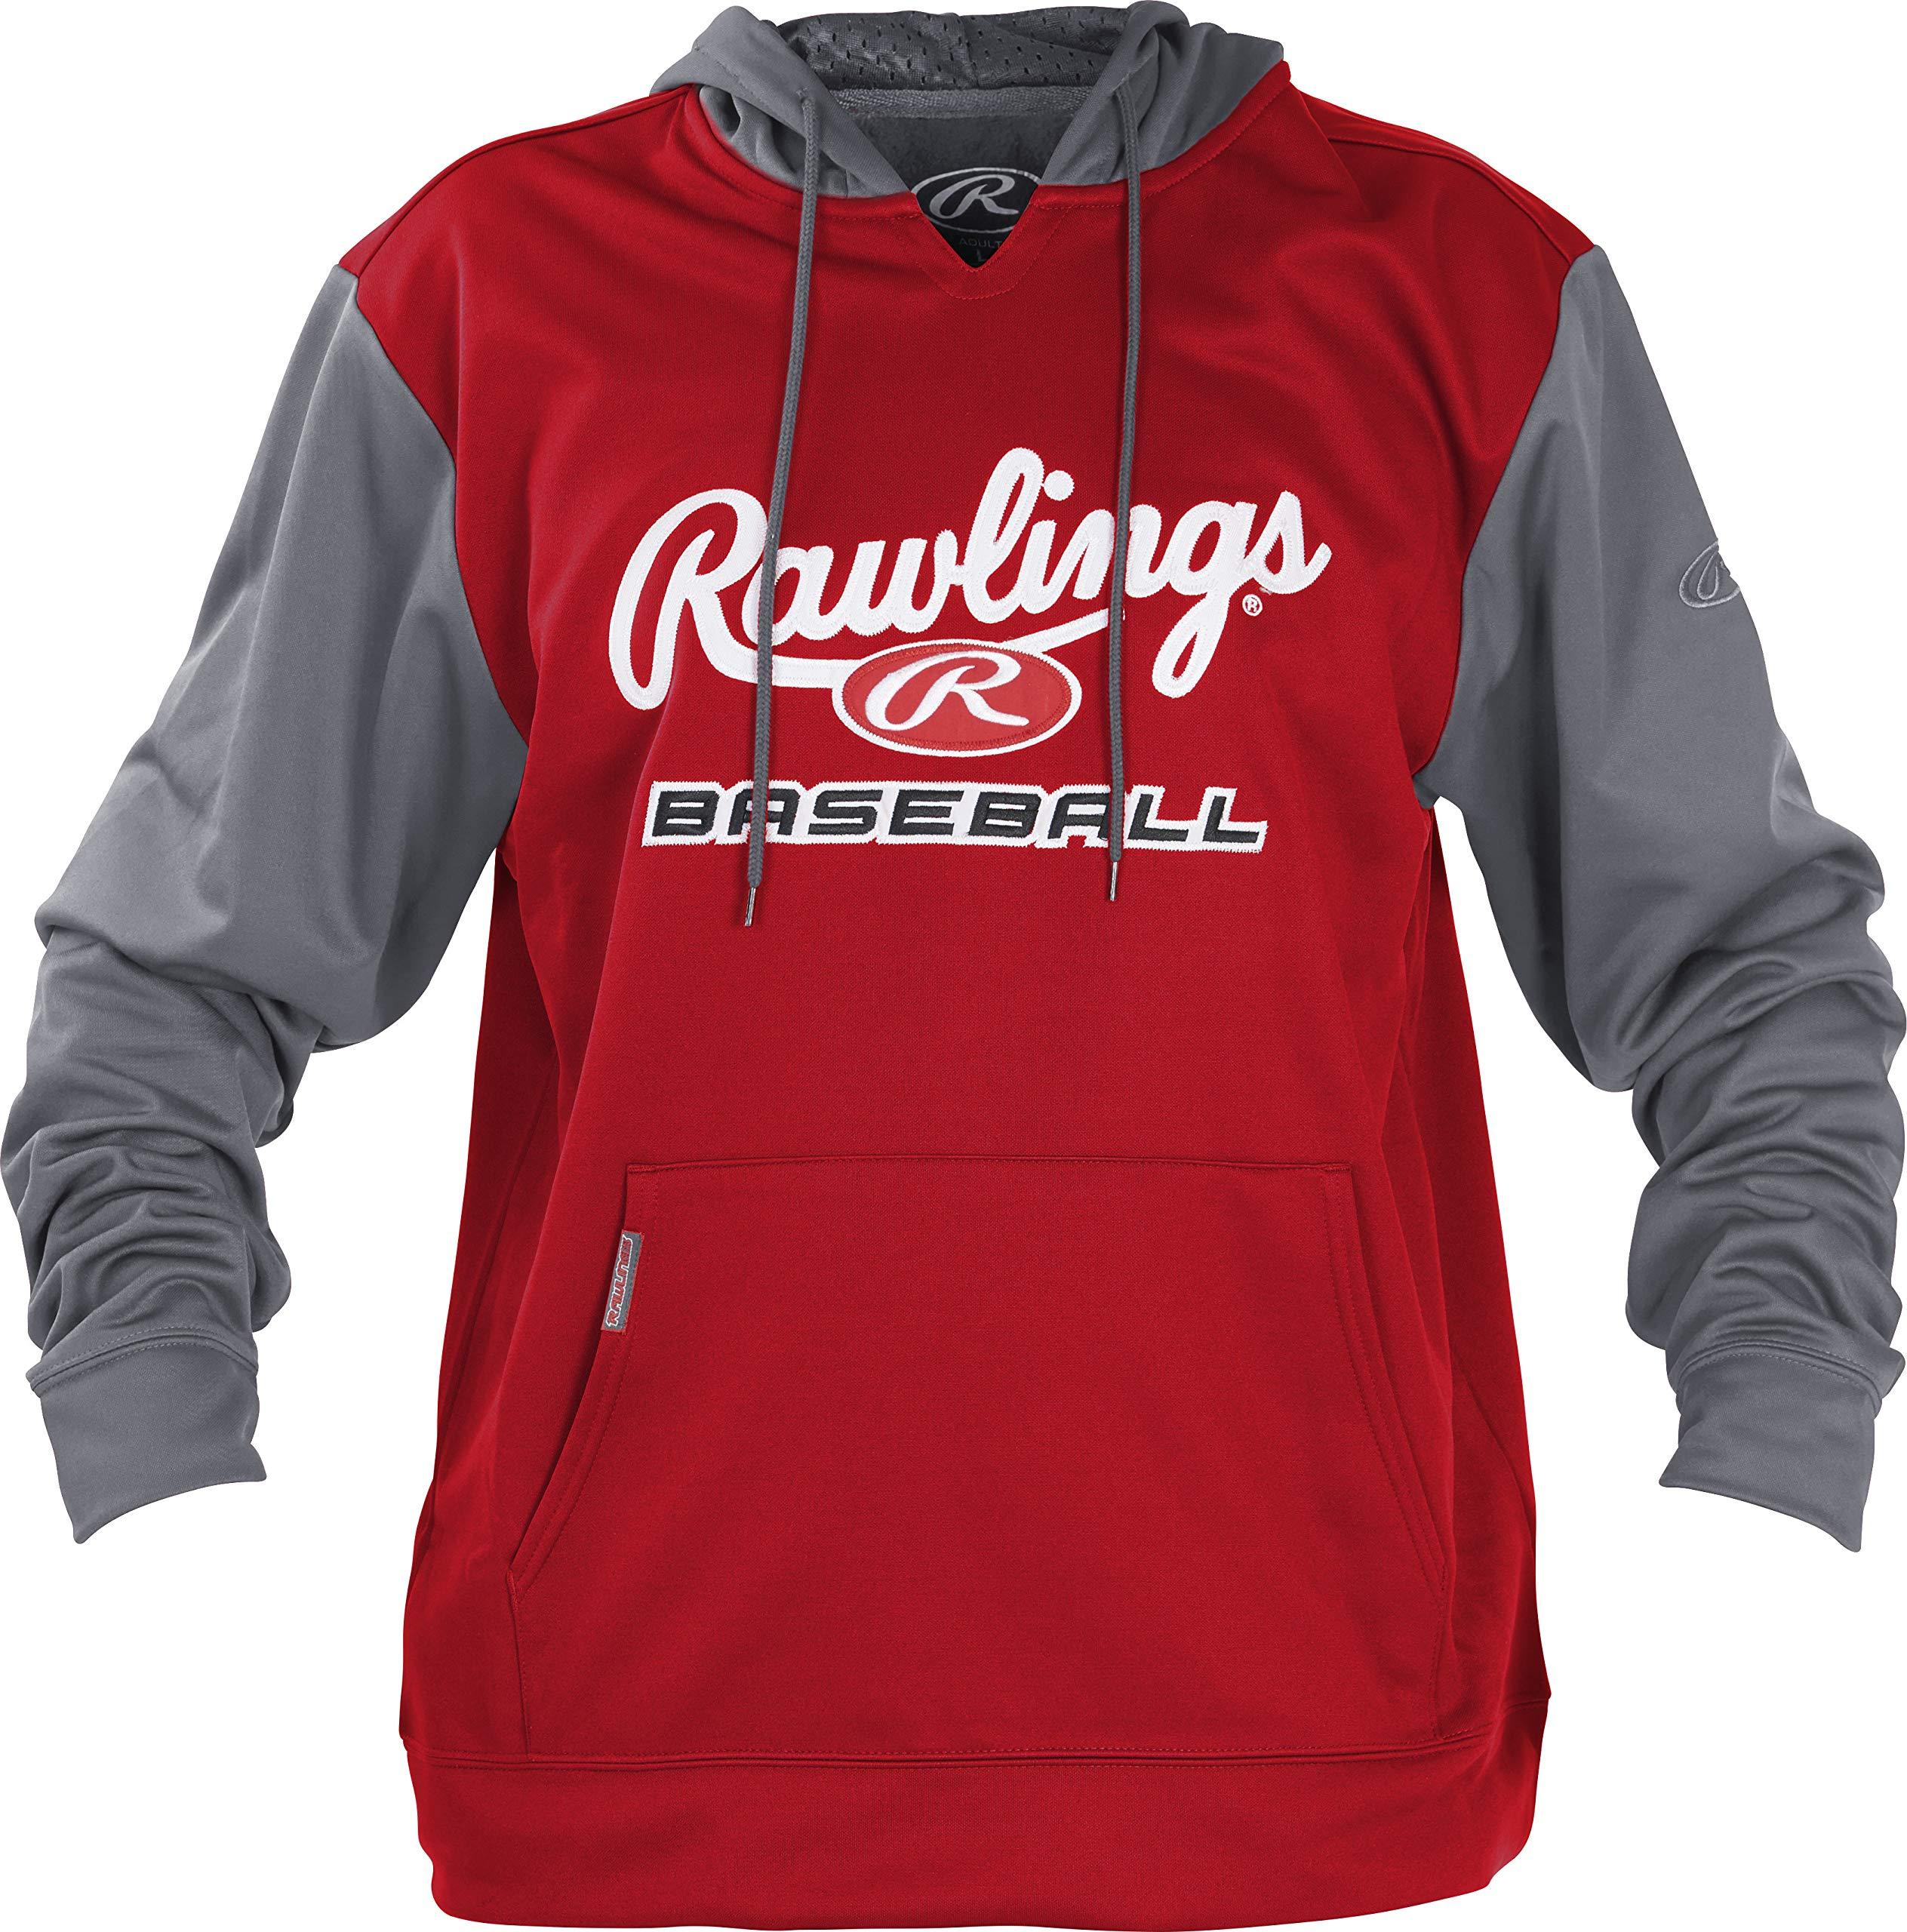 Rawlings Men's Performance Fleece Baseball Hoodie by Rawlings (Image #1)